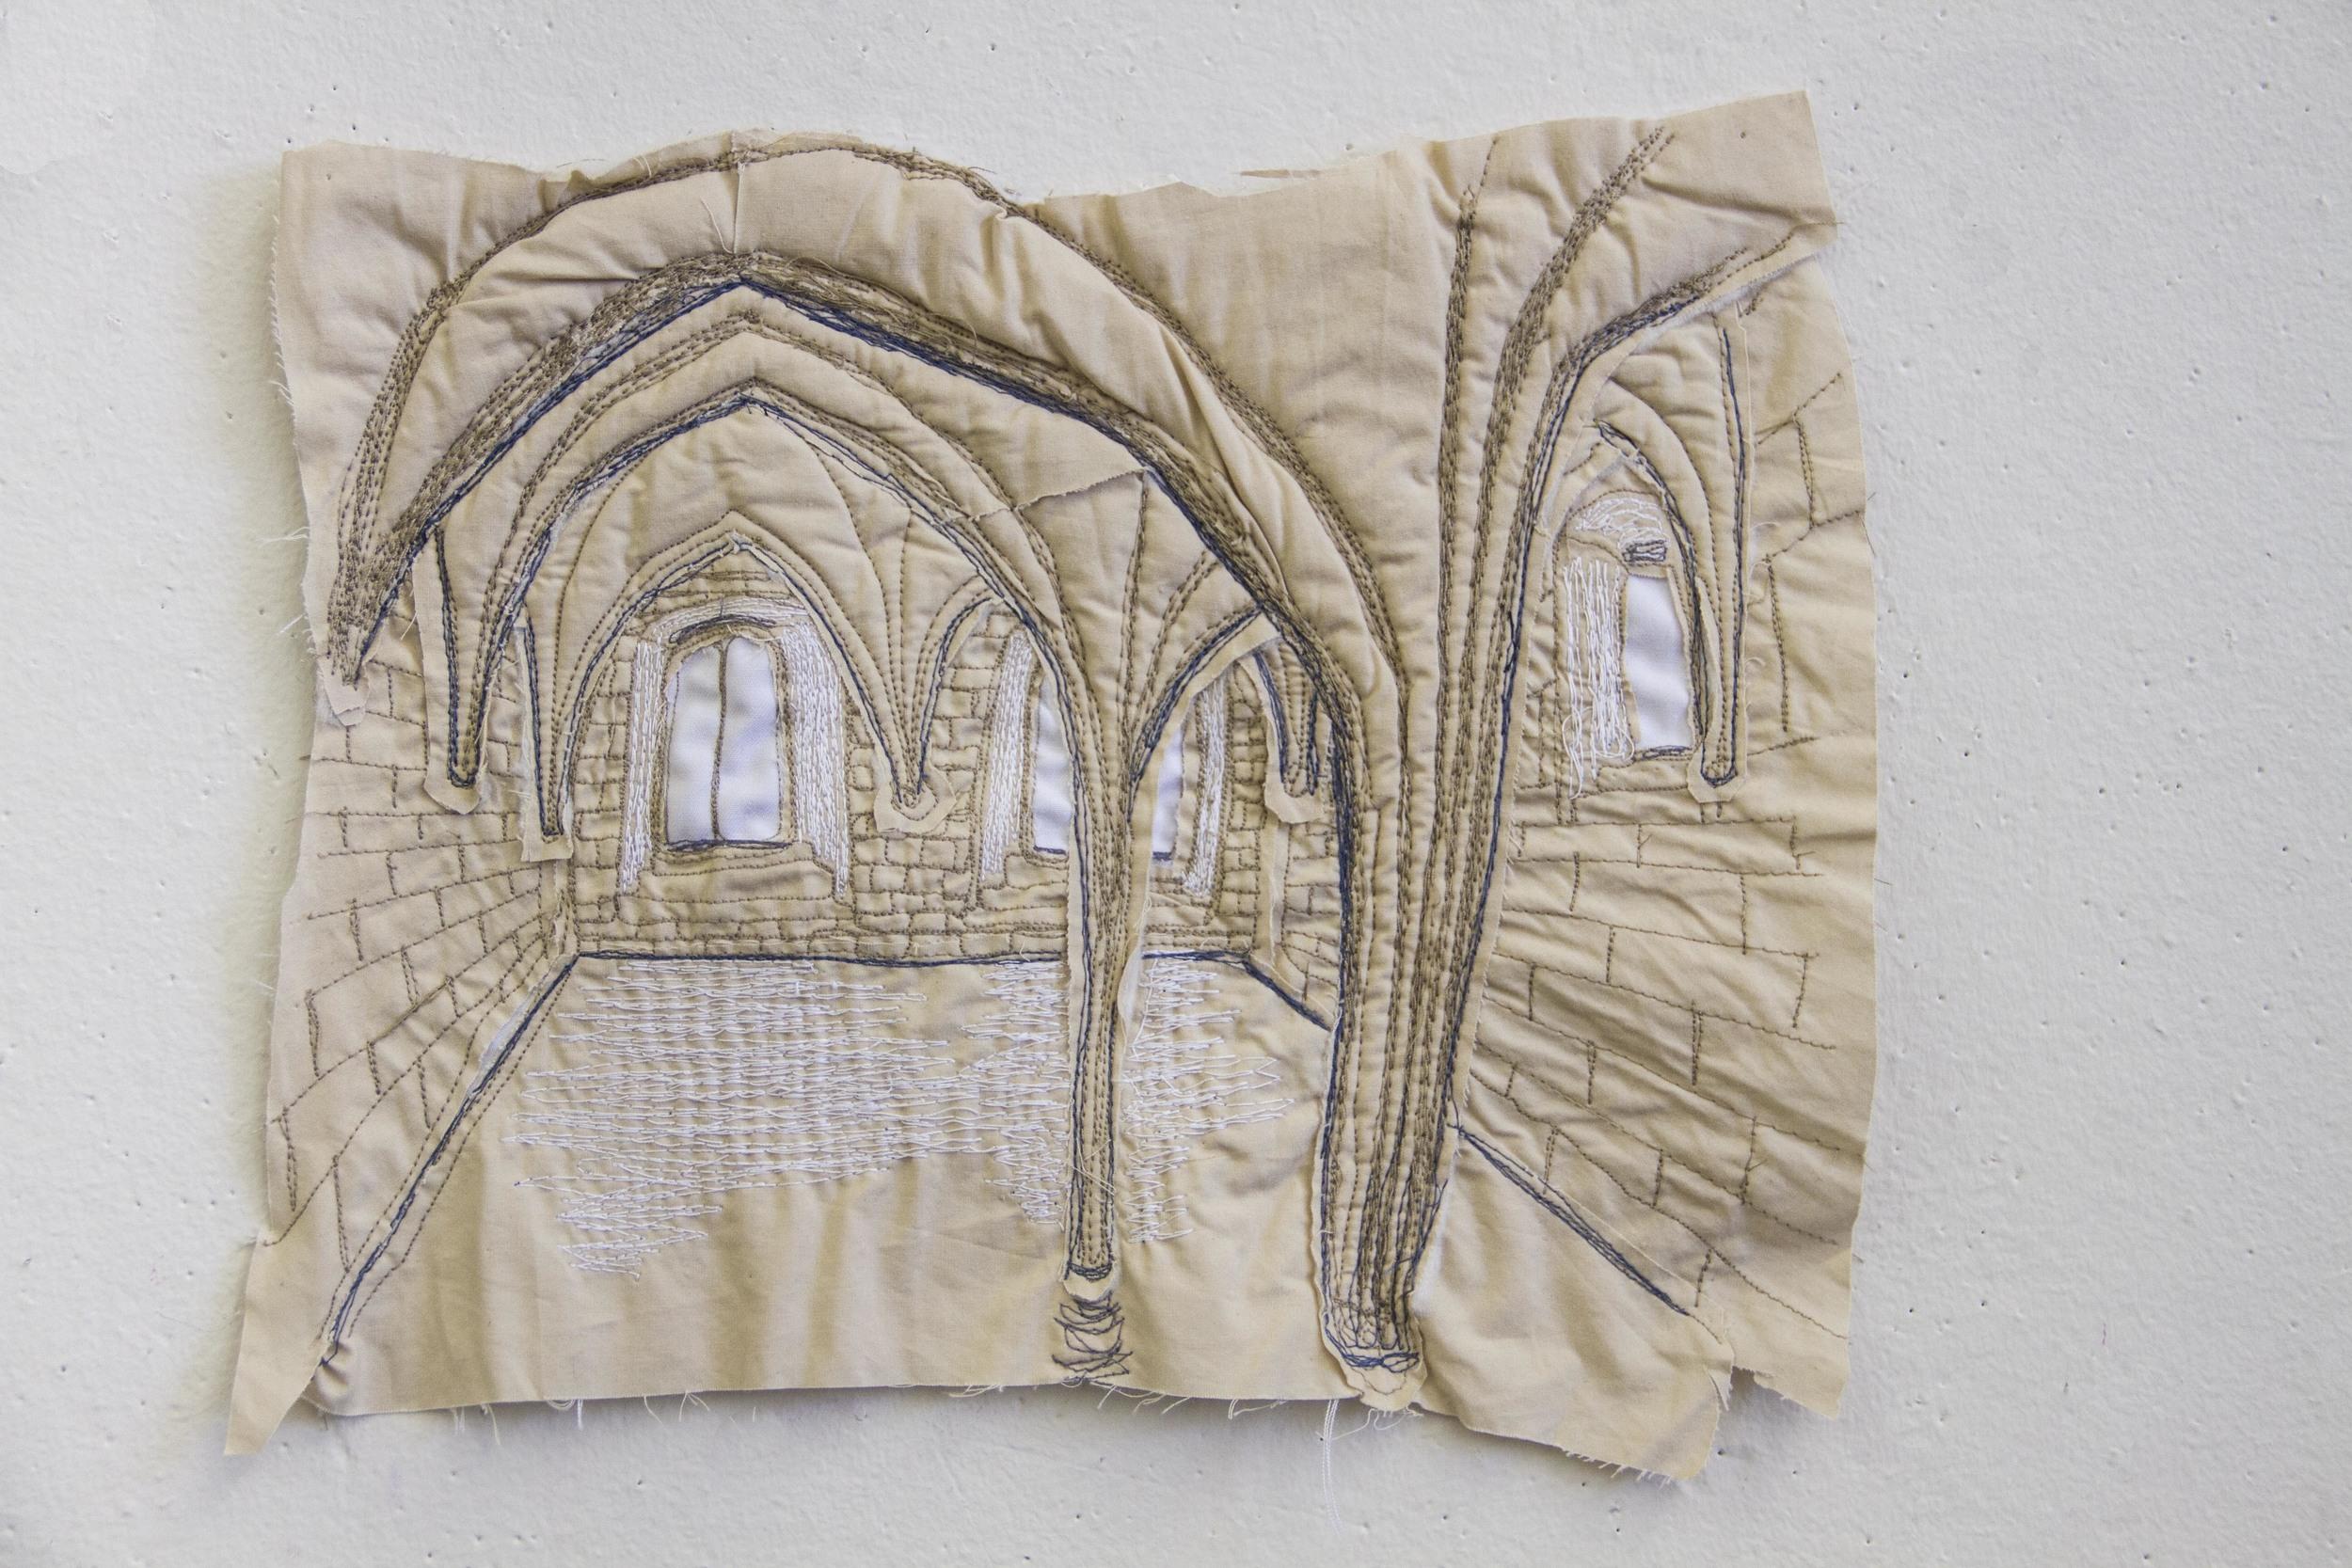 MadisonHeim_Embroidery-1.jpg